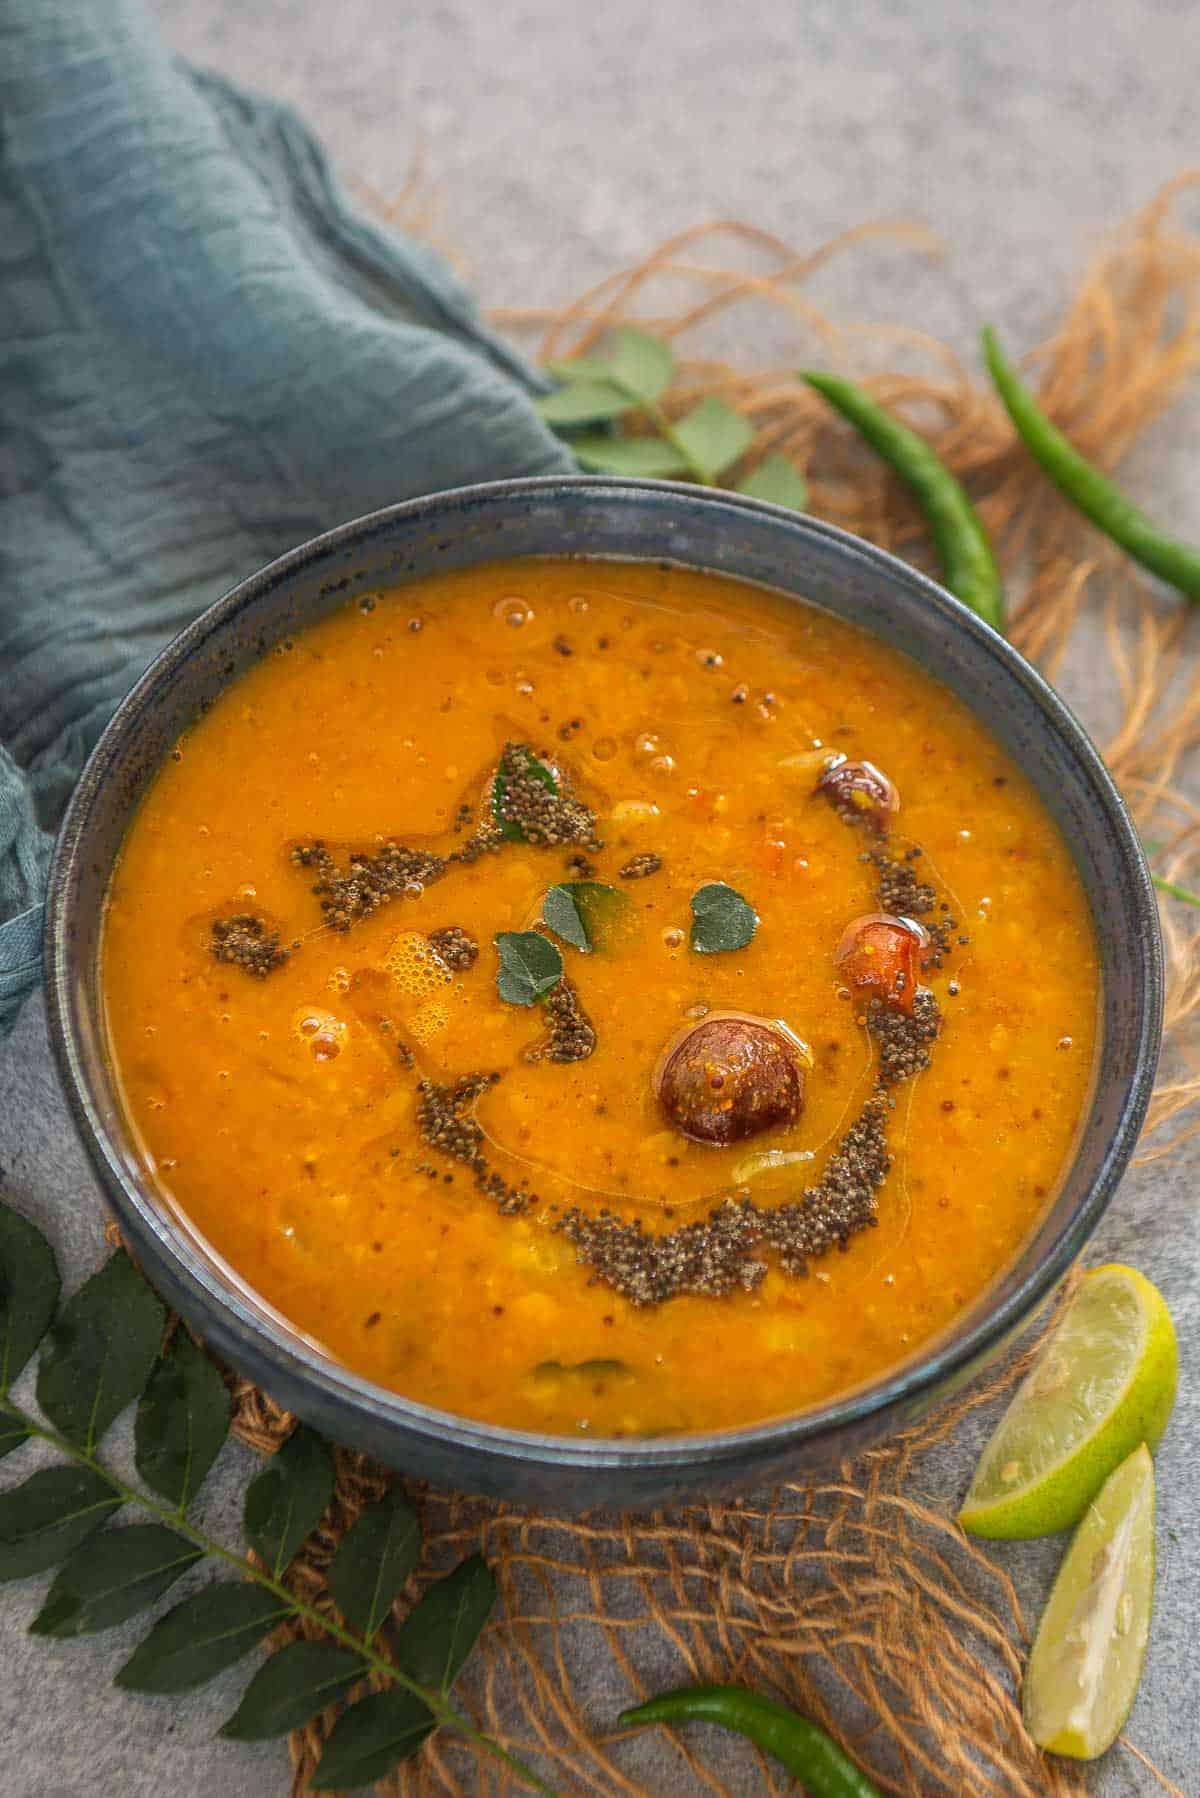 Radish sambar served in a bowl.